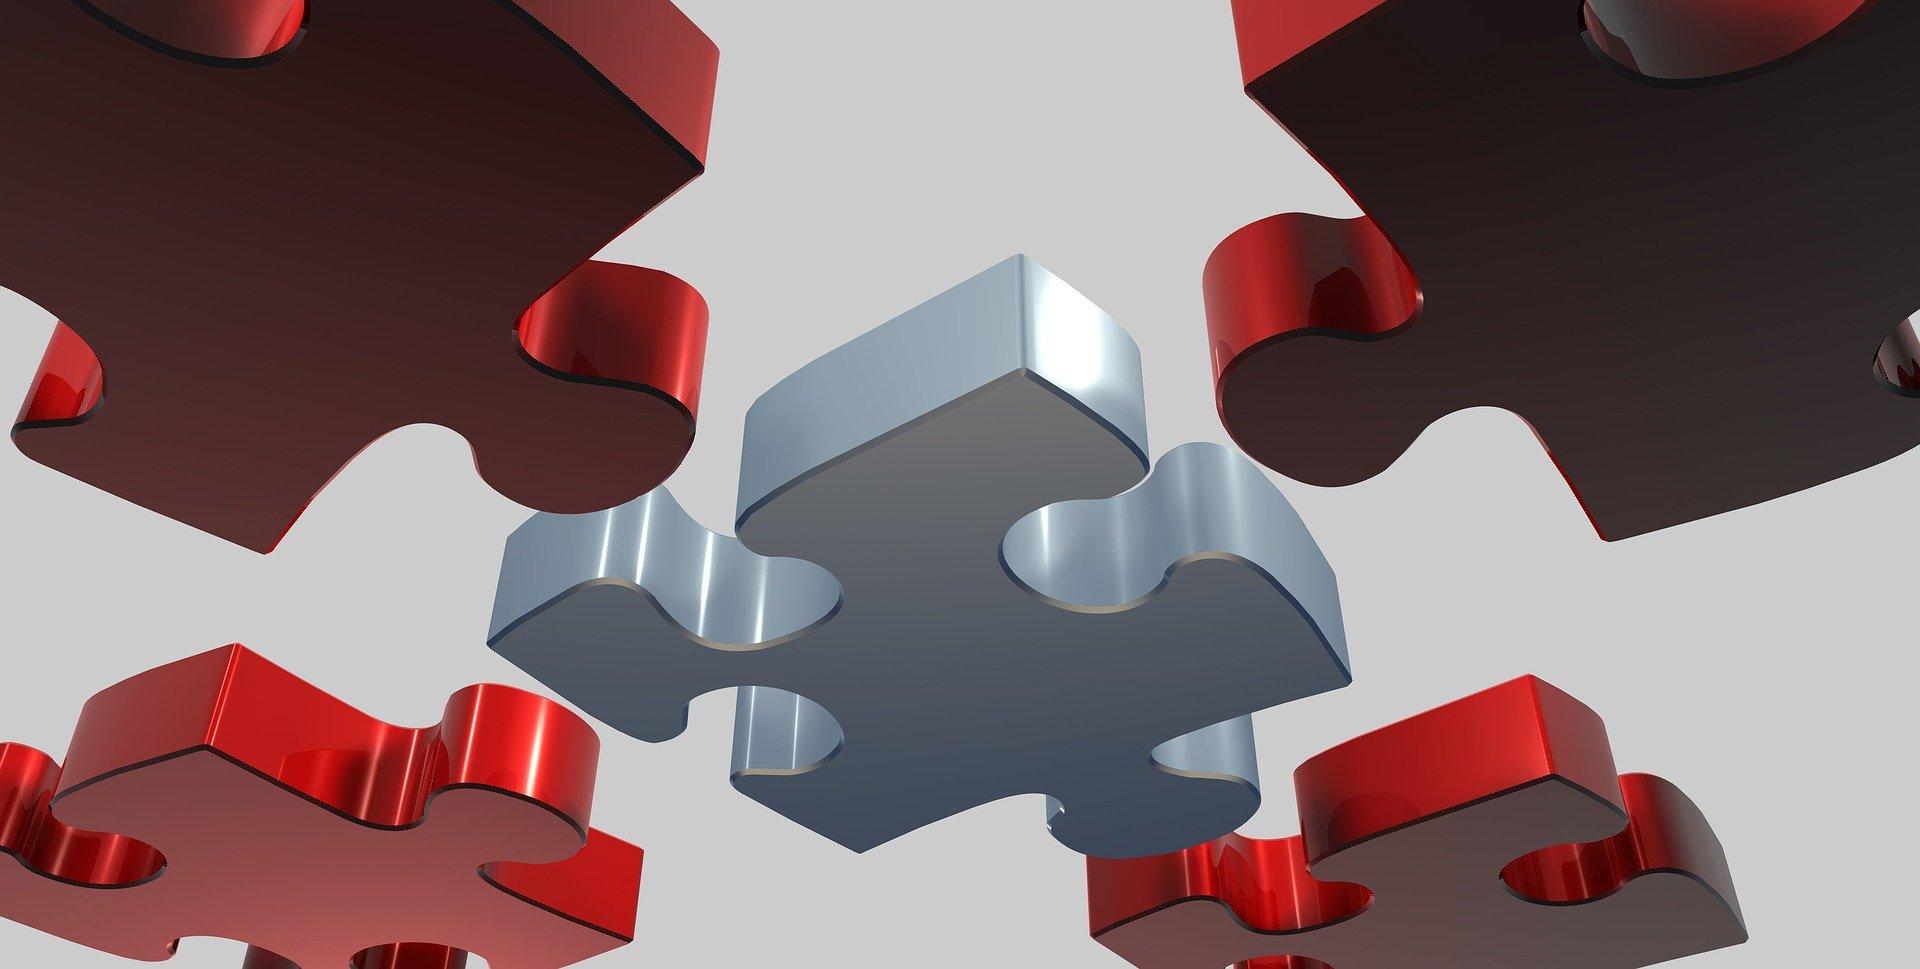 puzzle 1721464 1920 1